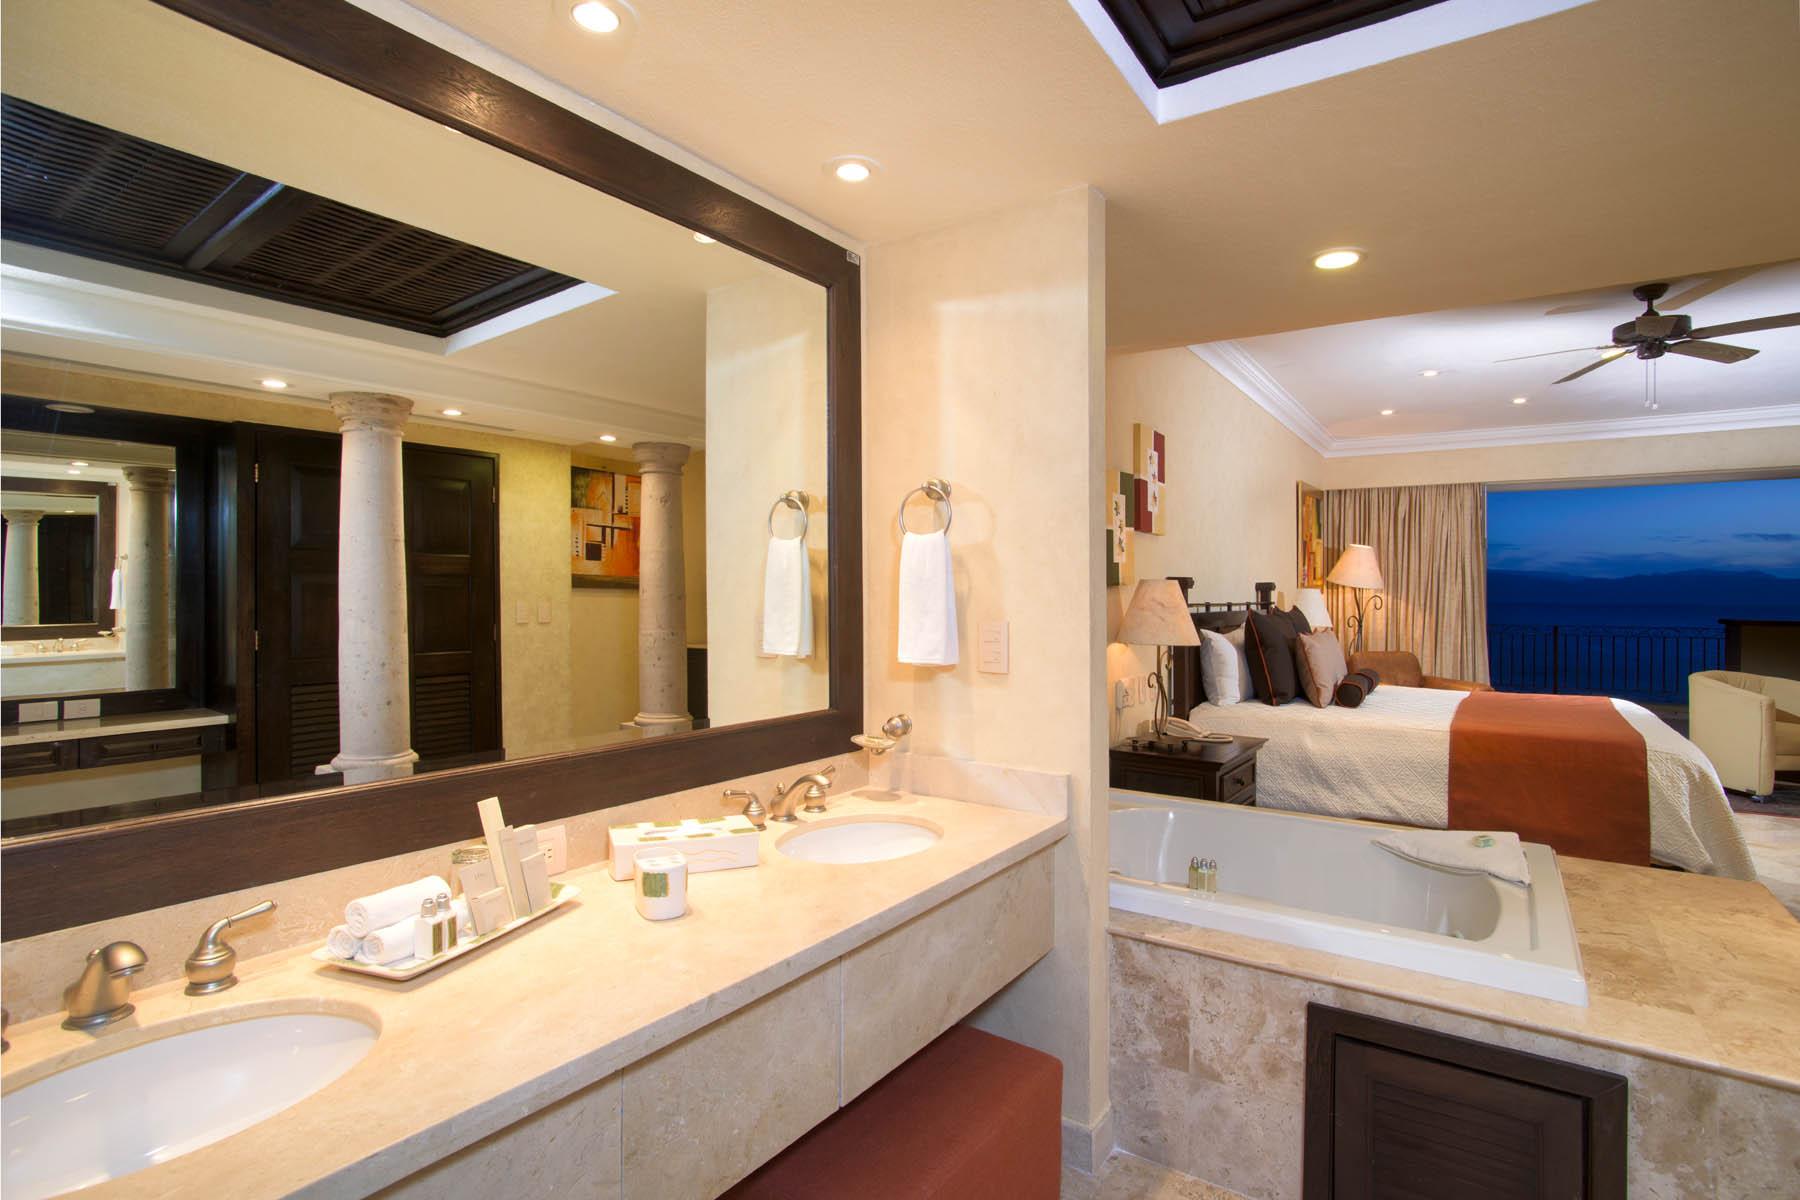 Villa la estancia riviera nayarit presidential three bedroom suite 5